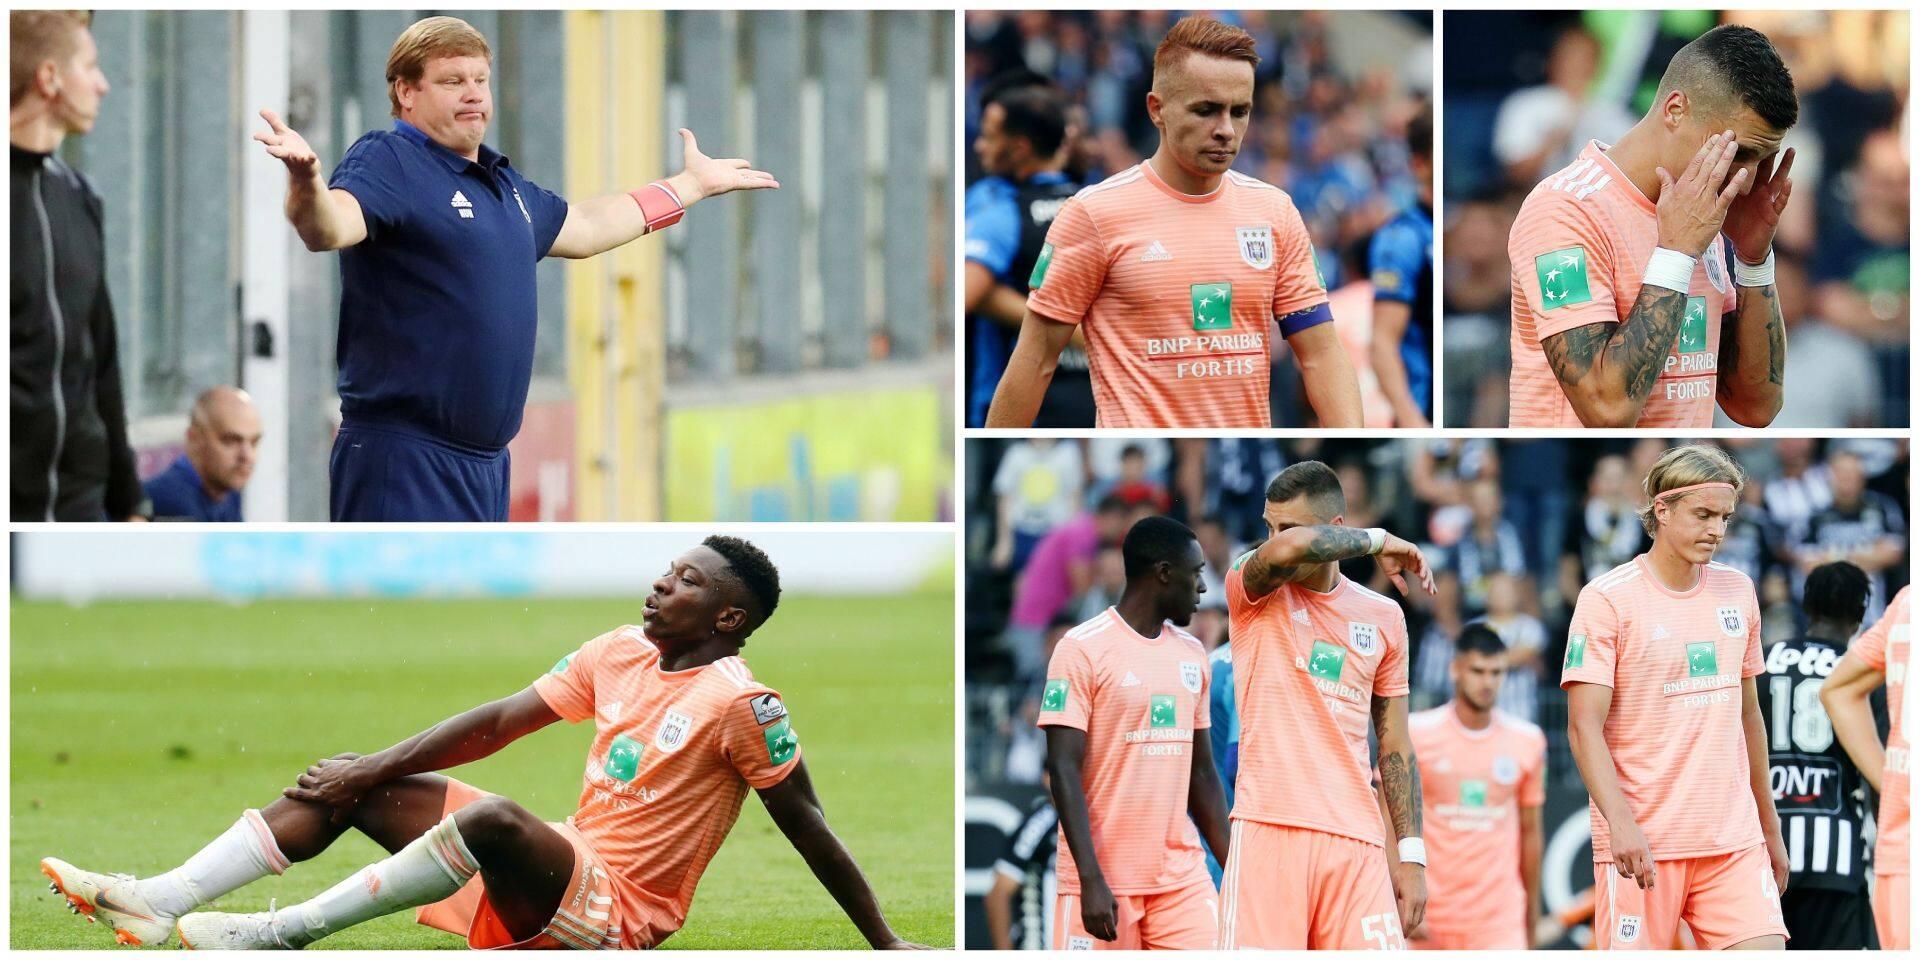 Absences en pagaille à Anderlecht: un vrai casse-tête pour Vanhaezebrouck